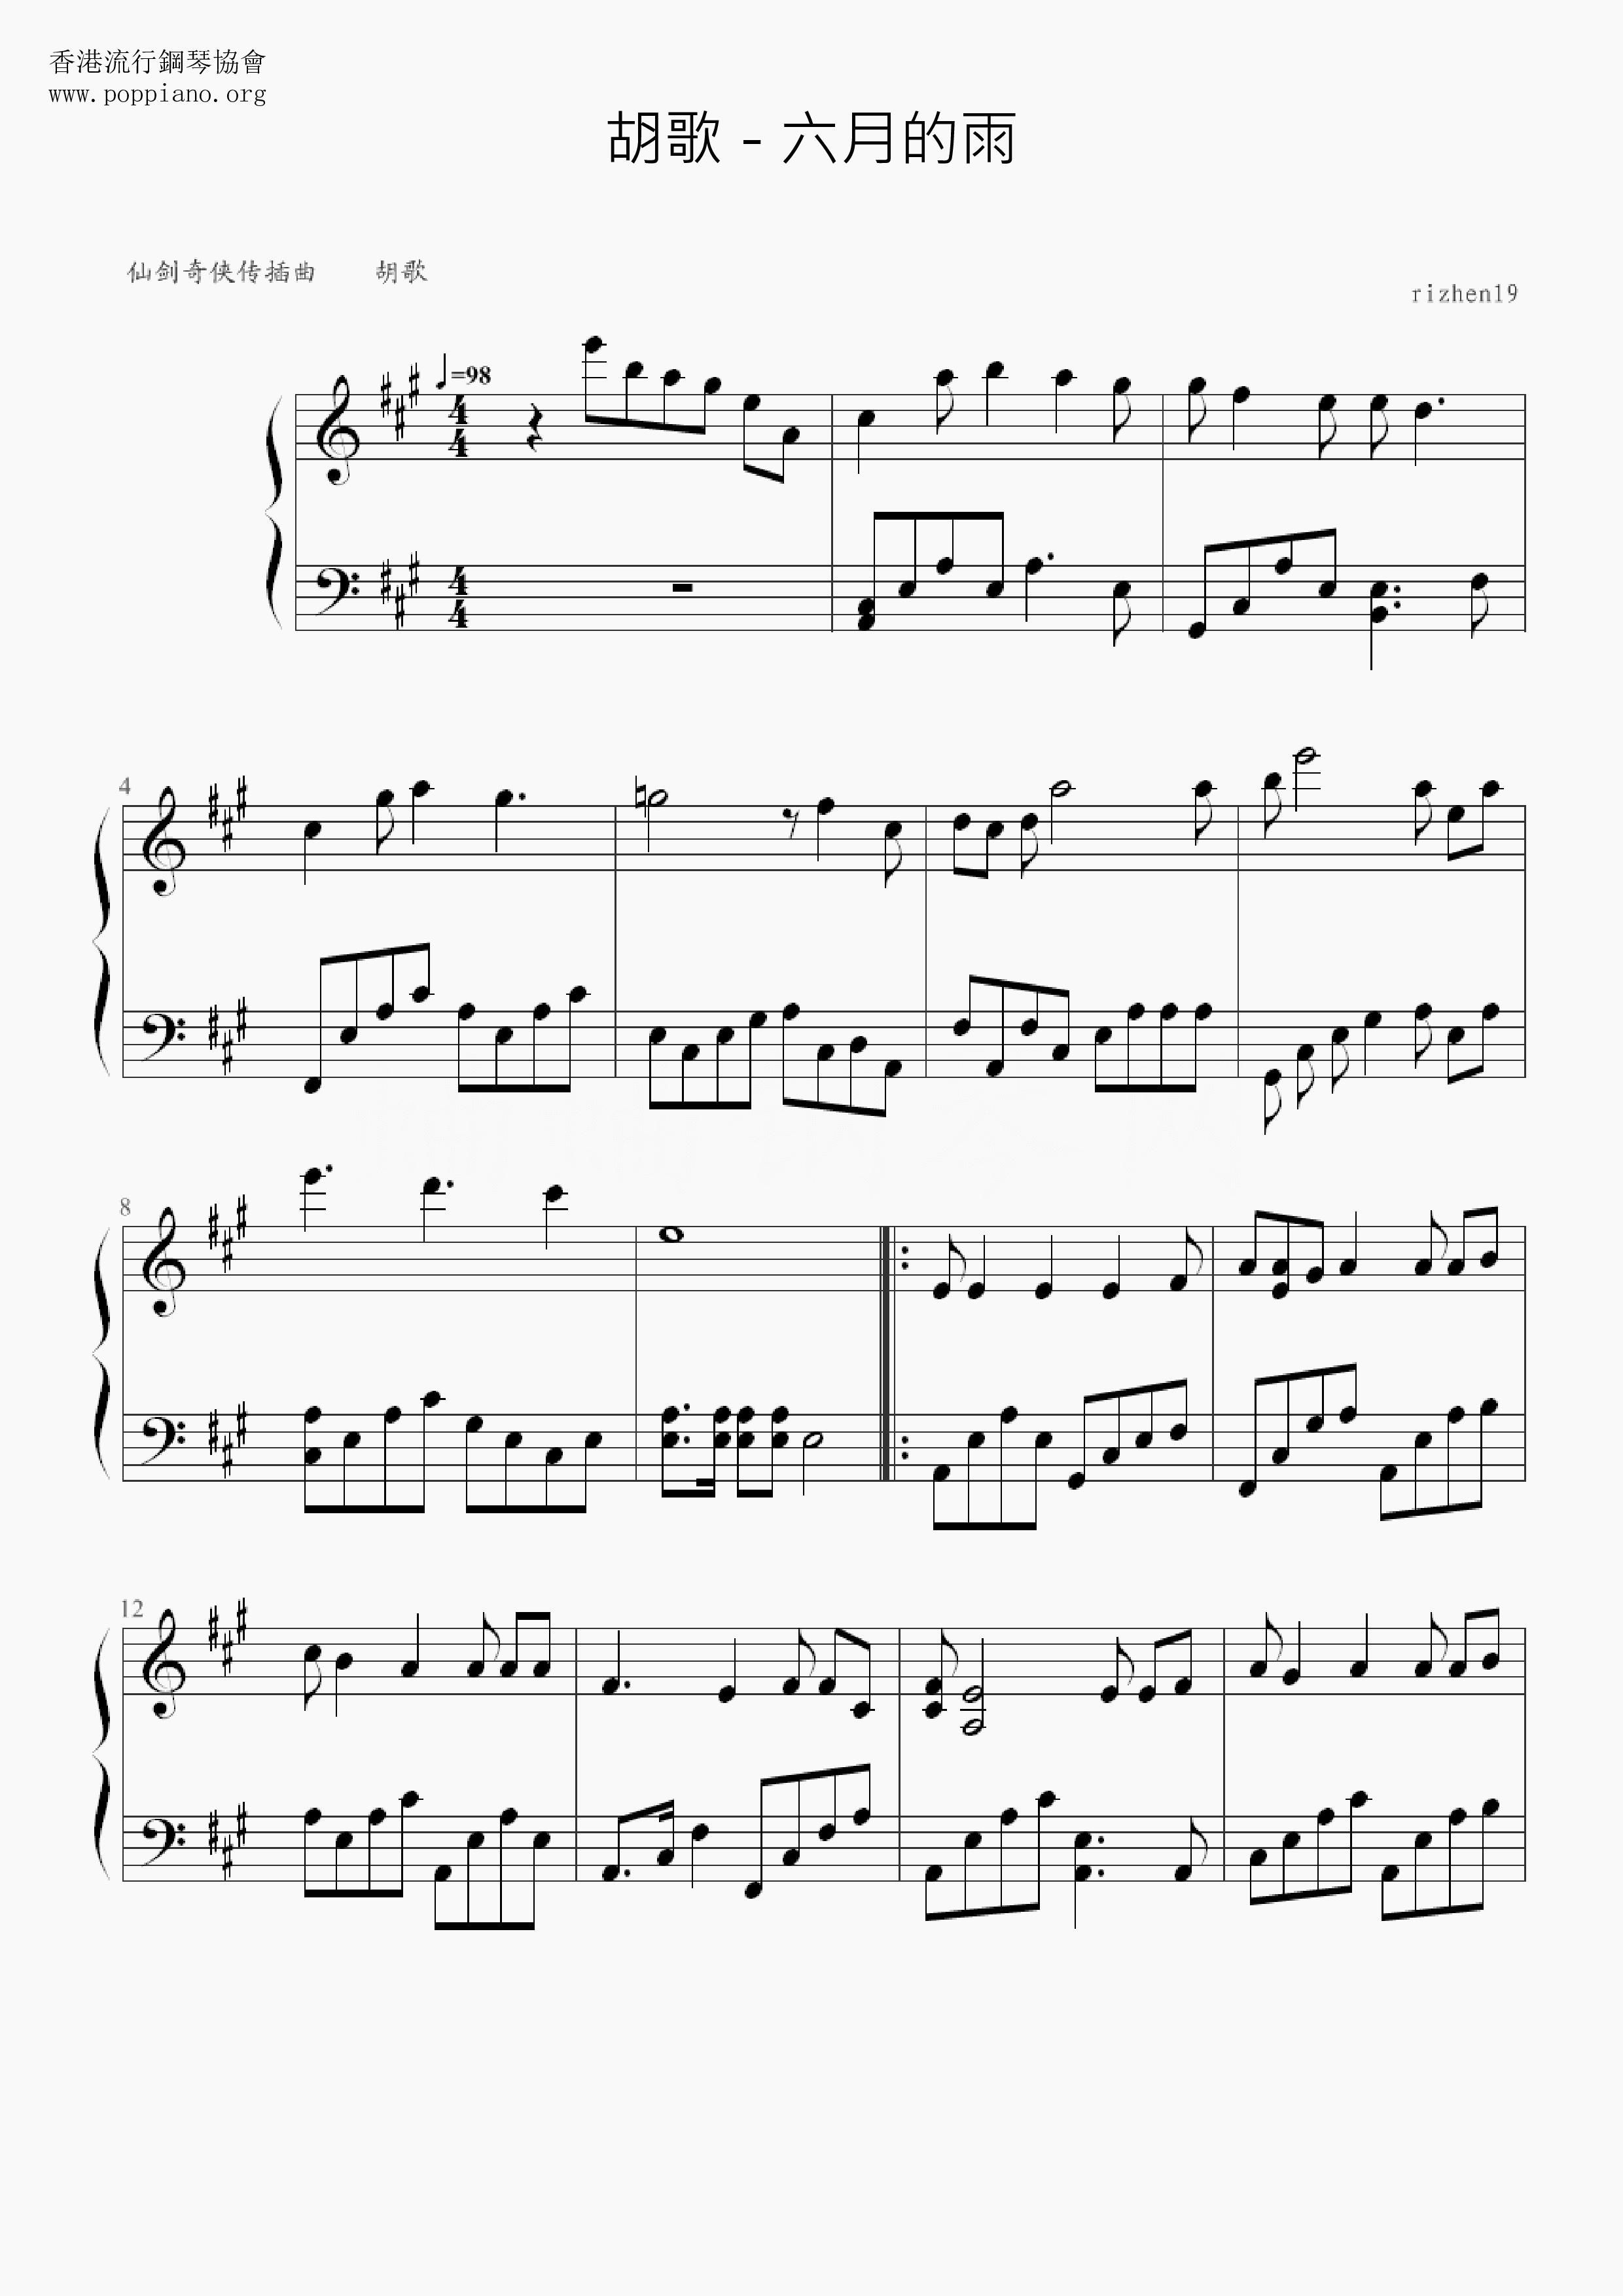 ★ 胡歌-六月的雨 琴譜/五線譜pdf-香港流行鋼琴協會琴譜下載 ★